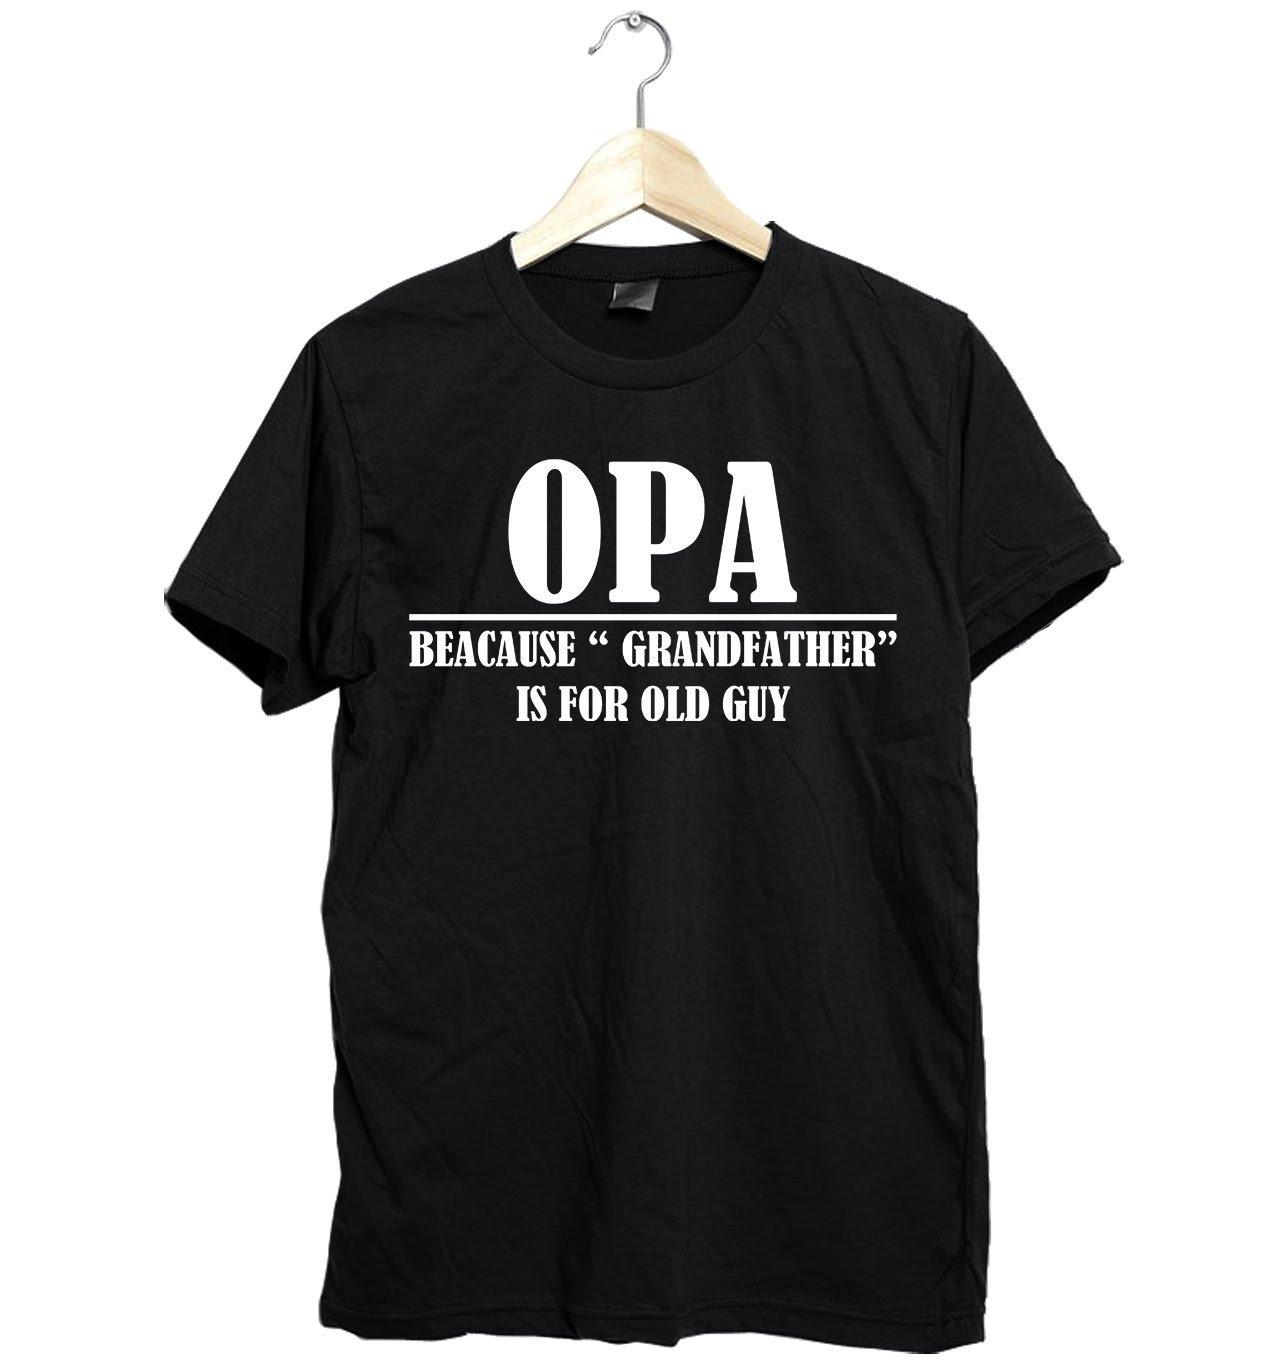 OPA pour parce que grand-père est pour OPA vieille chemise guy chemise Opa opa cadeaux, opa chemises, opa tshirt, opa t-shirt, t-shirt opa opa pères jour chemise e410b1